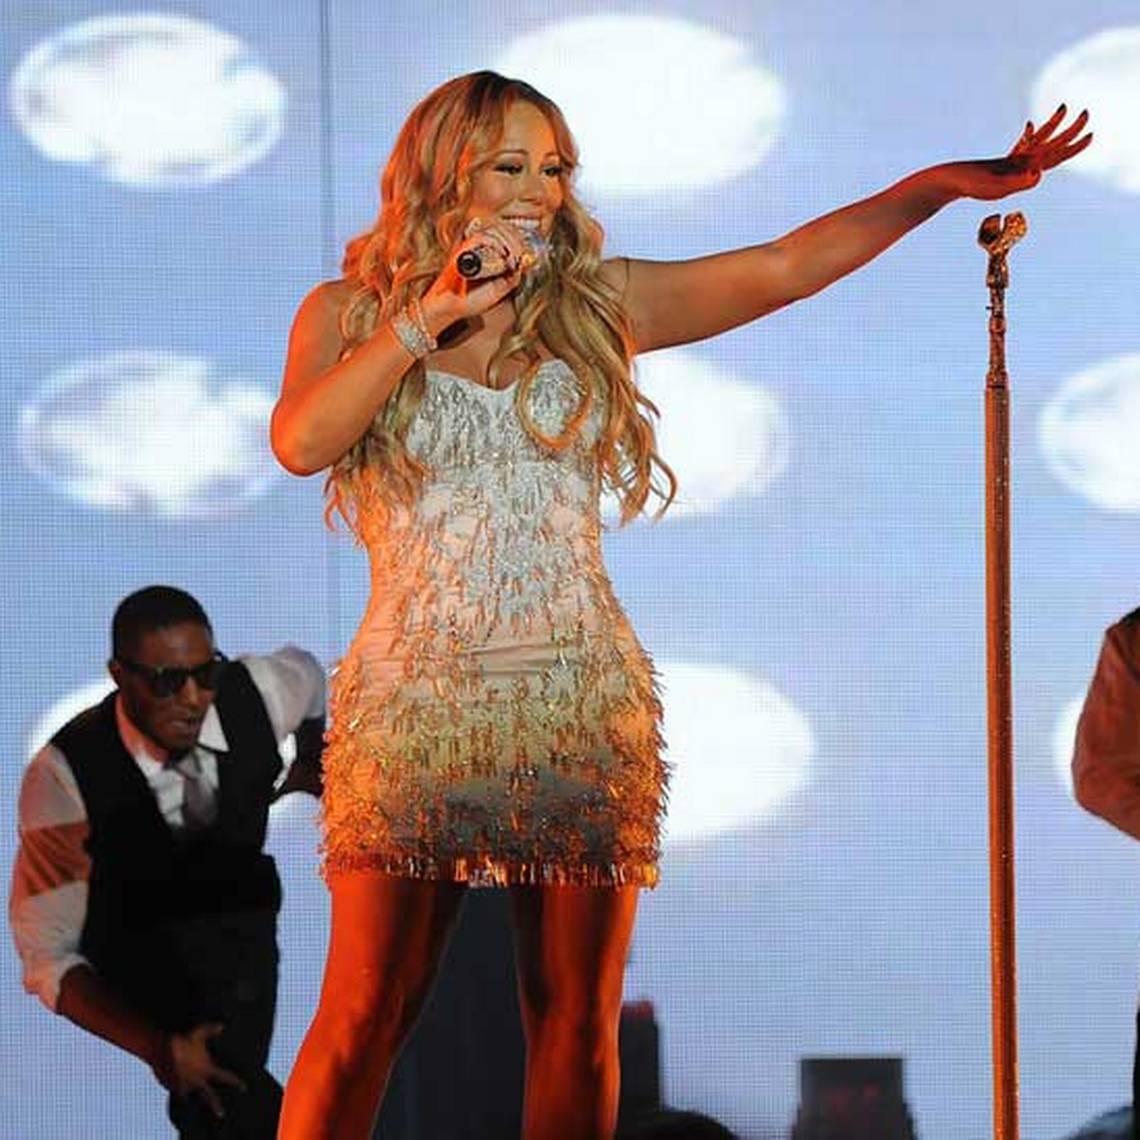 Productora demandará a Mariah Carey por shows cancelados en Chile y Argentina